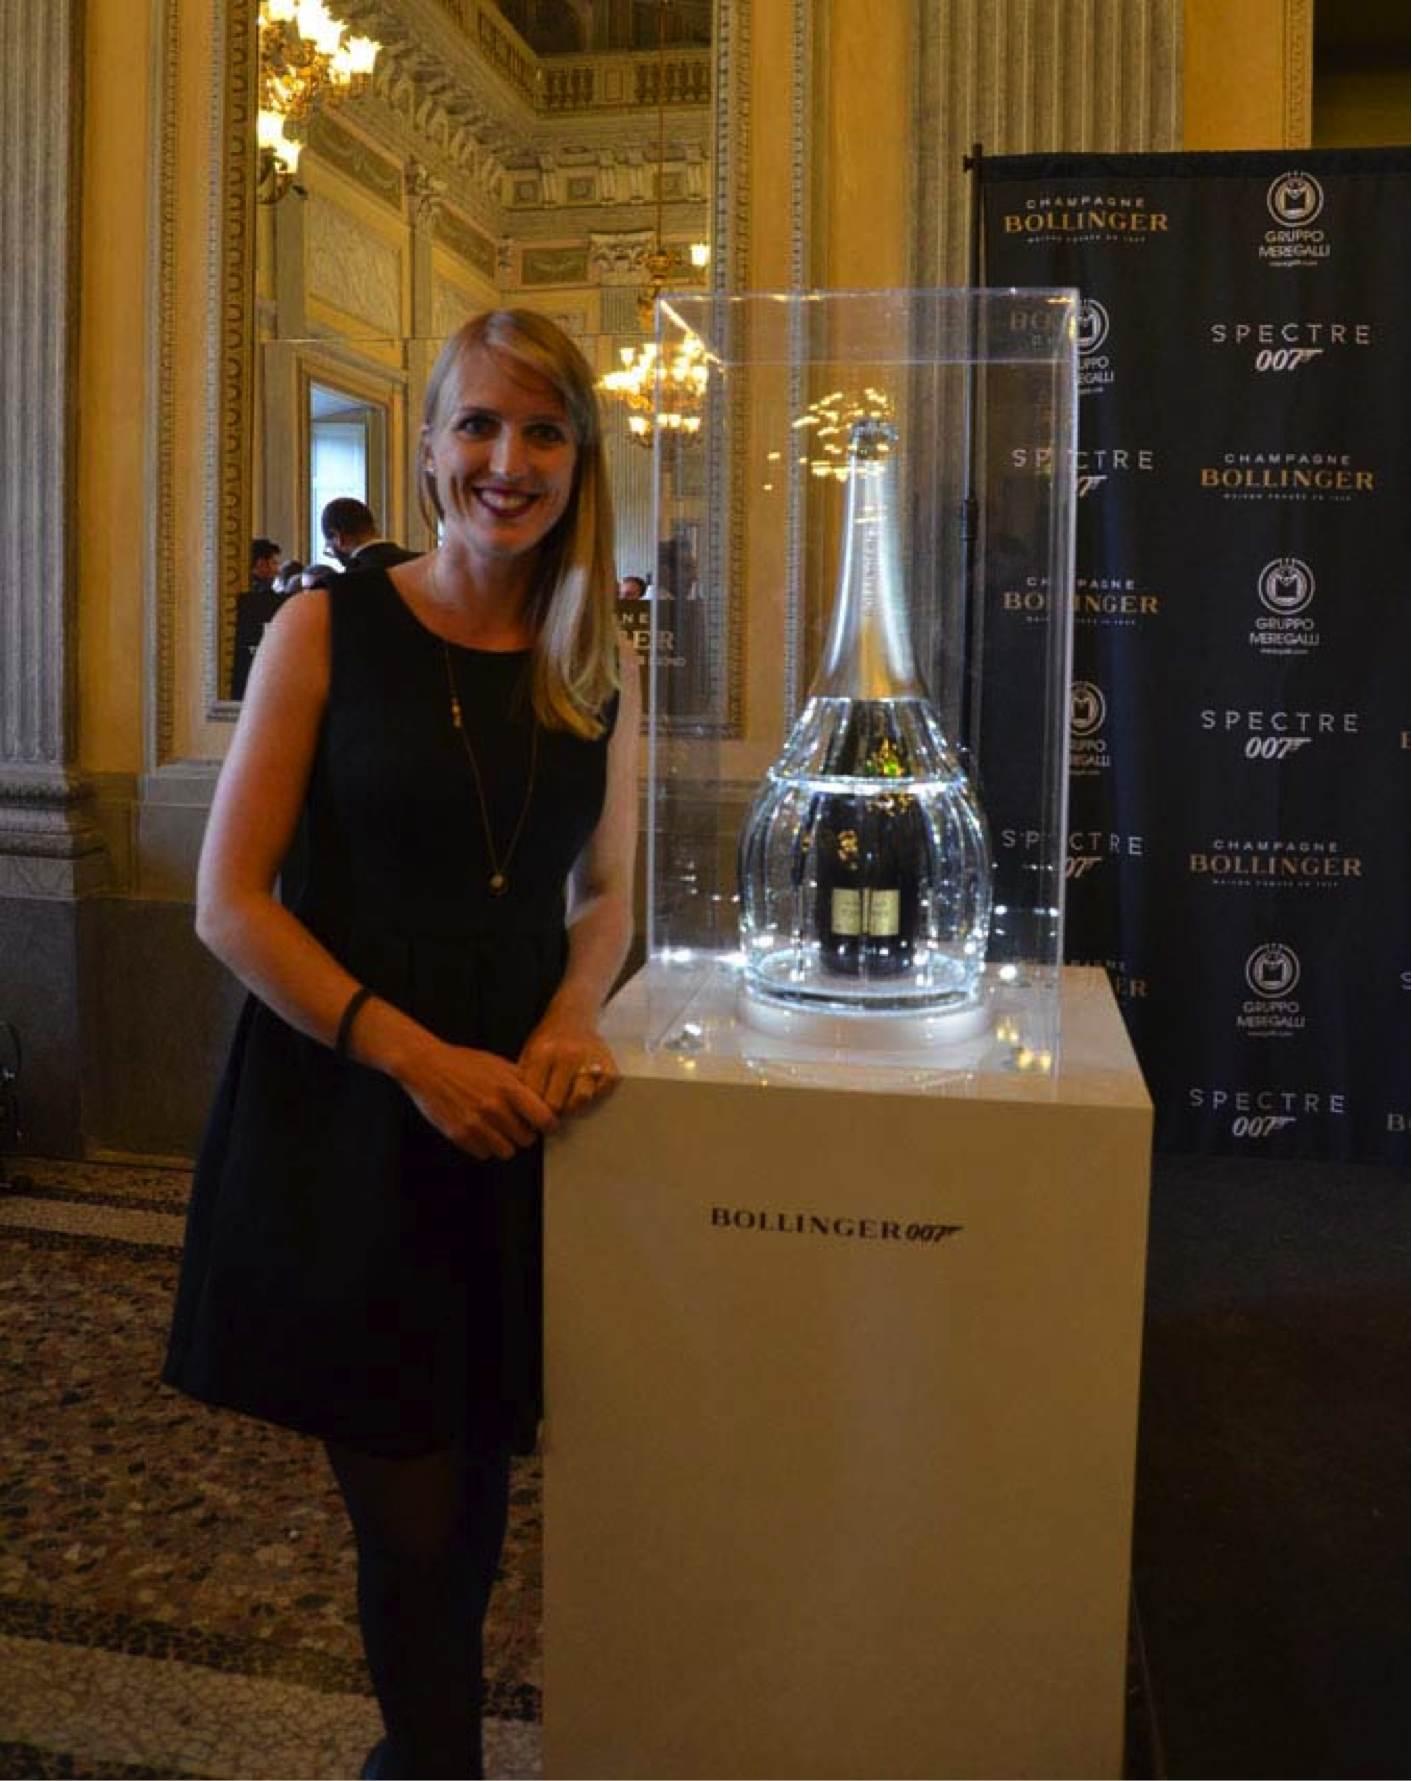 Bollinger celebra l'uscita in Italia di Spectre Limited Edition esclusivo champagne a Villa Reale